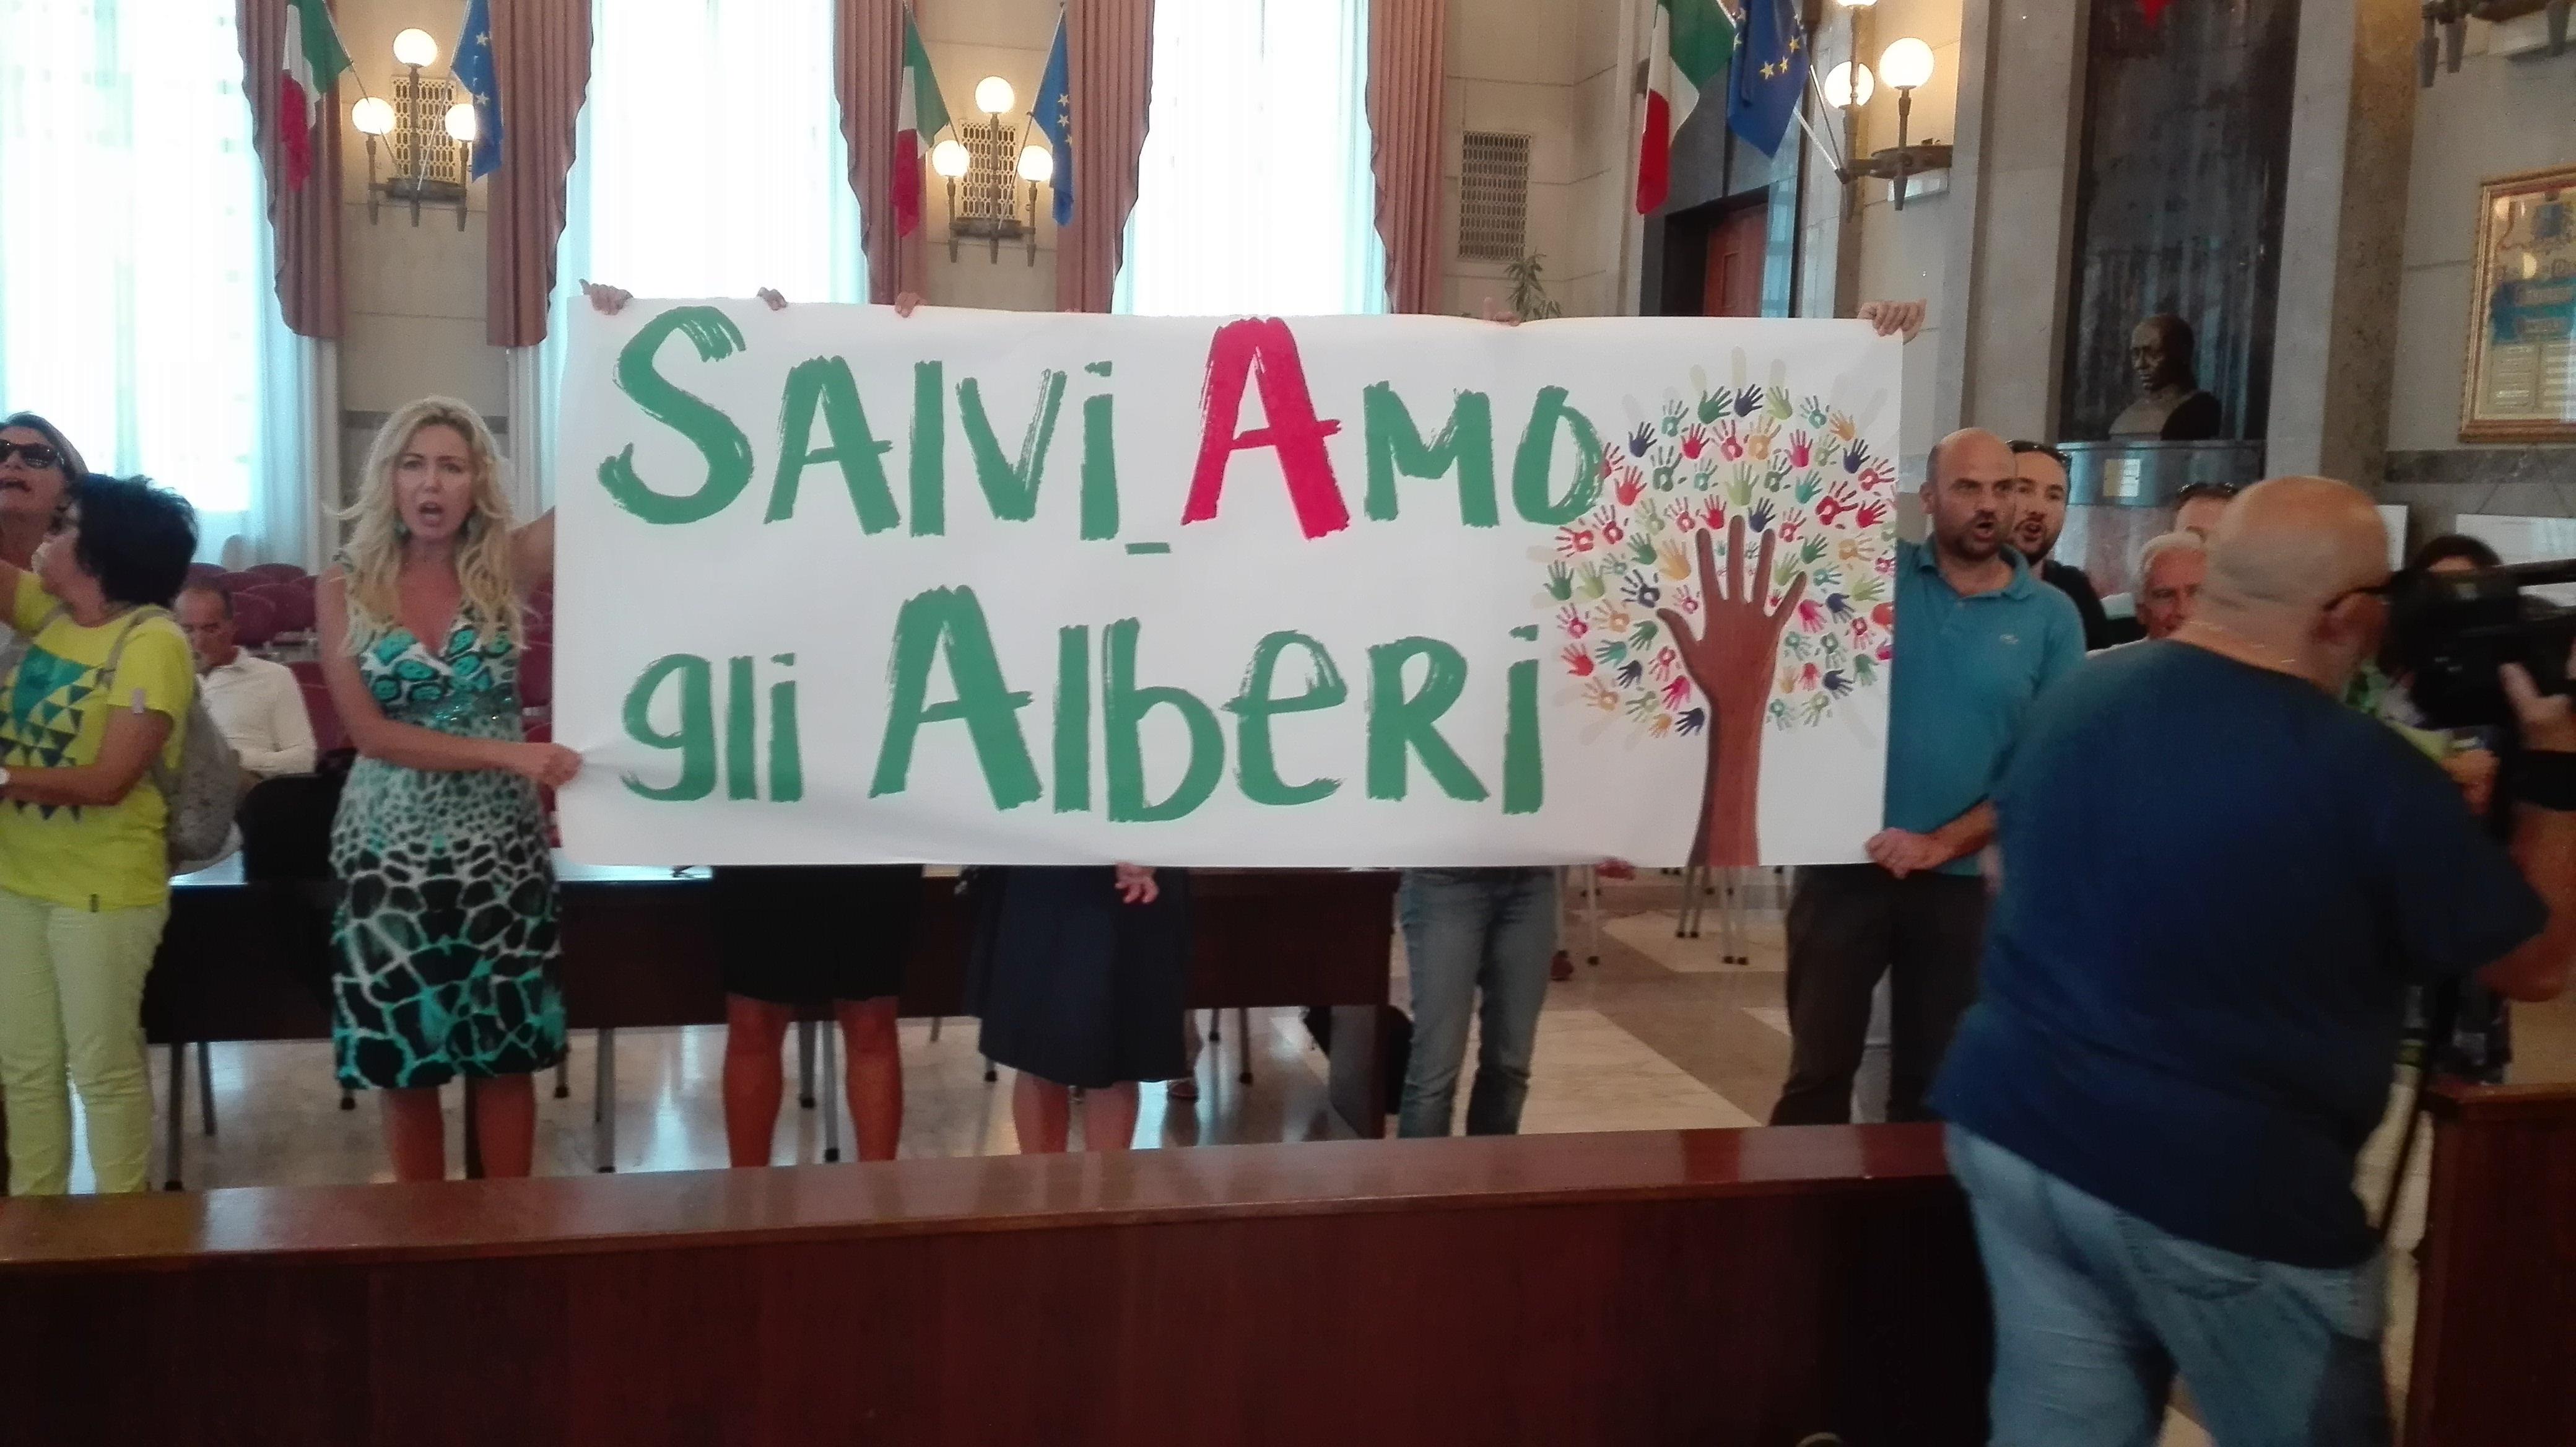 Taglio alberi: proteste in Consiglio Comunale